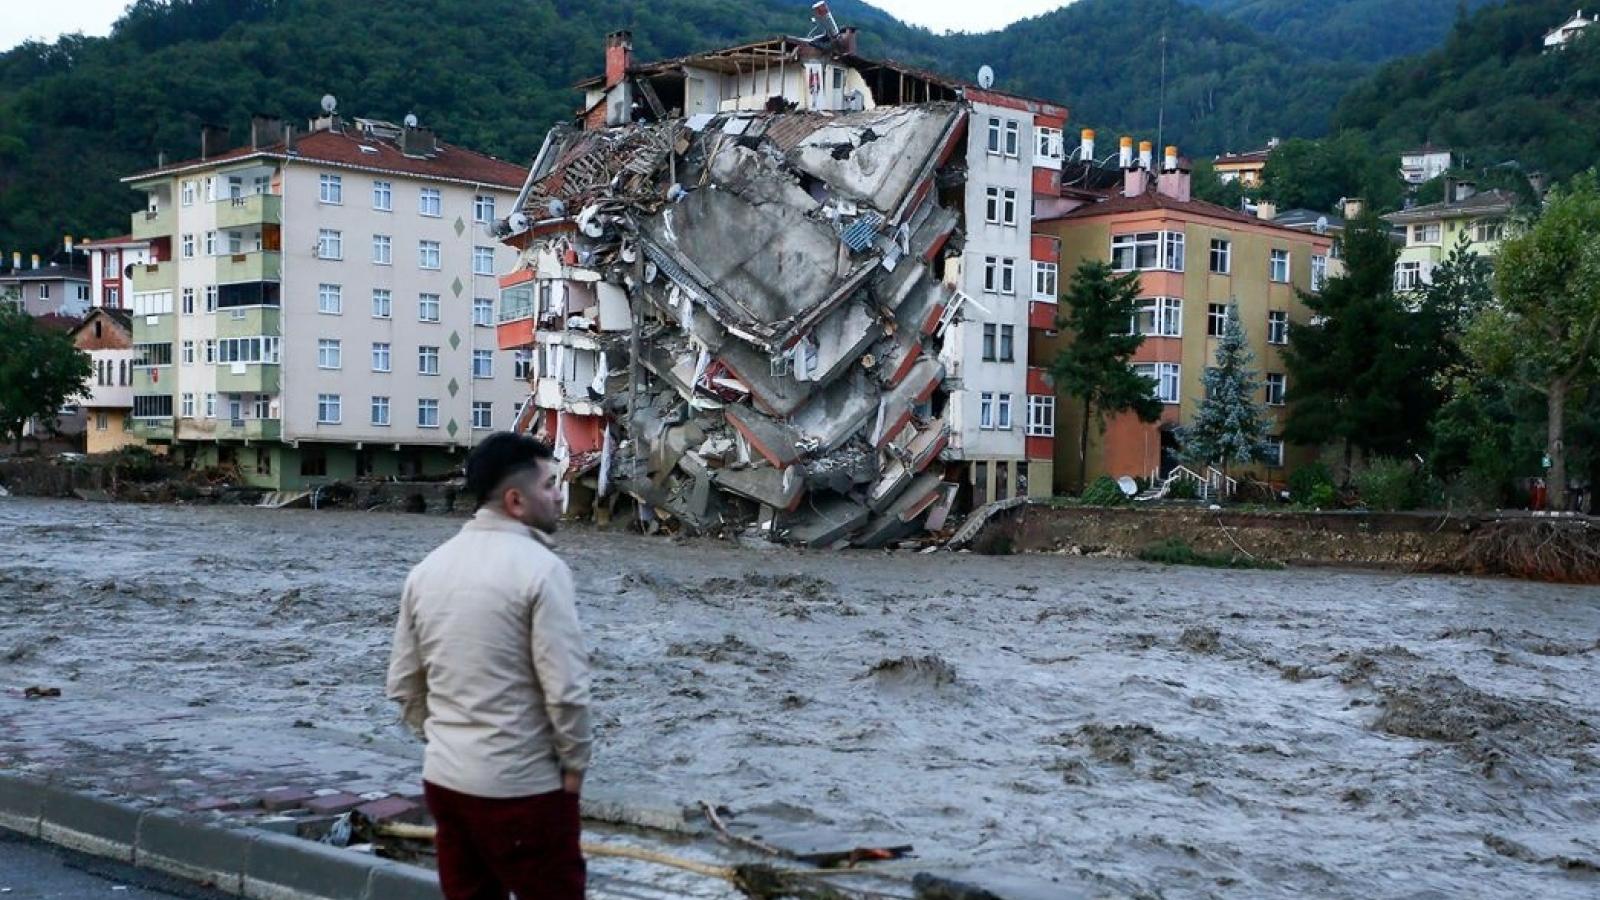 Lũ lụt làm ít nhất 44 người chết ở Thổ Nhĩ Kỳ